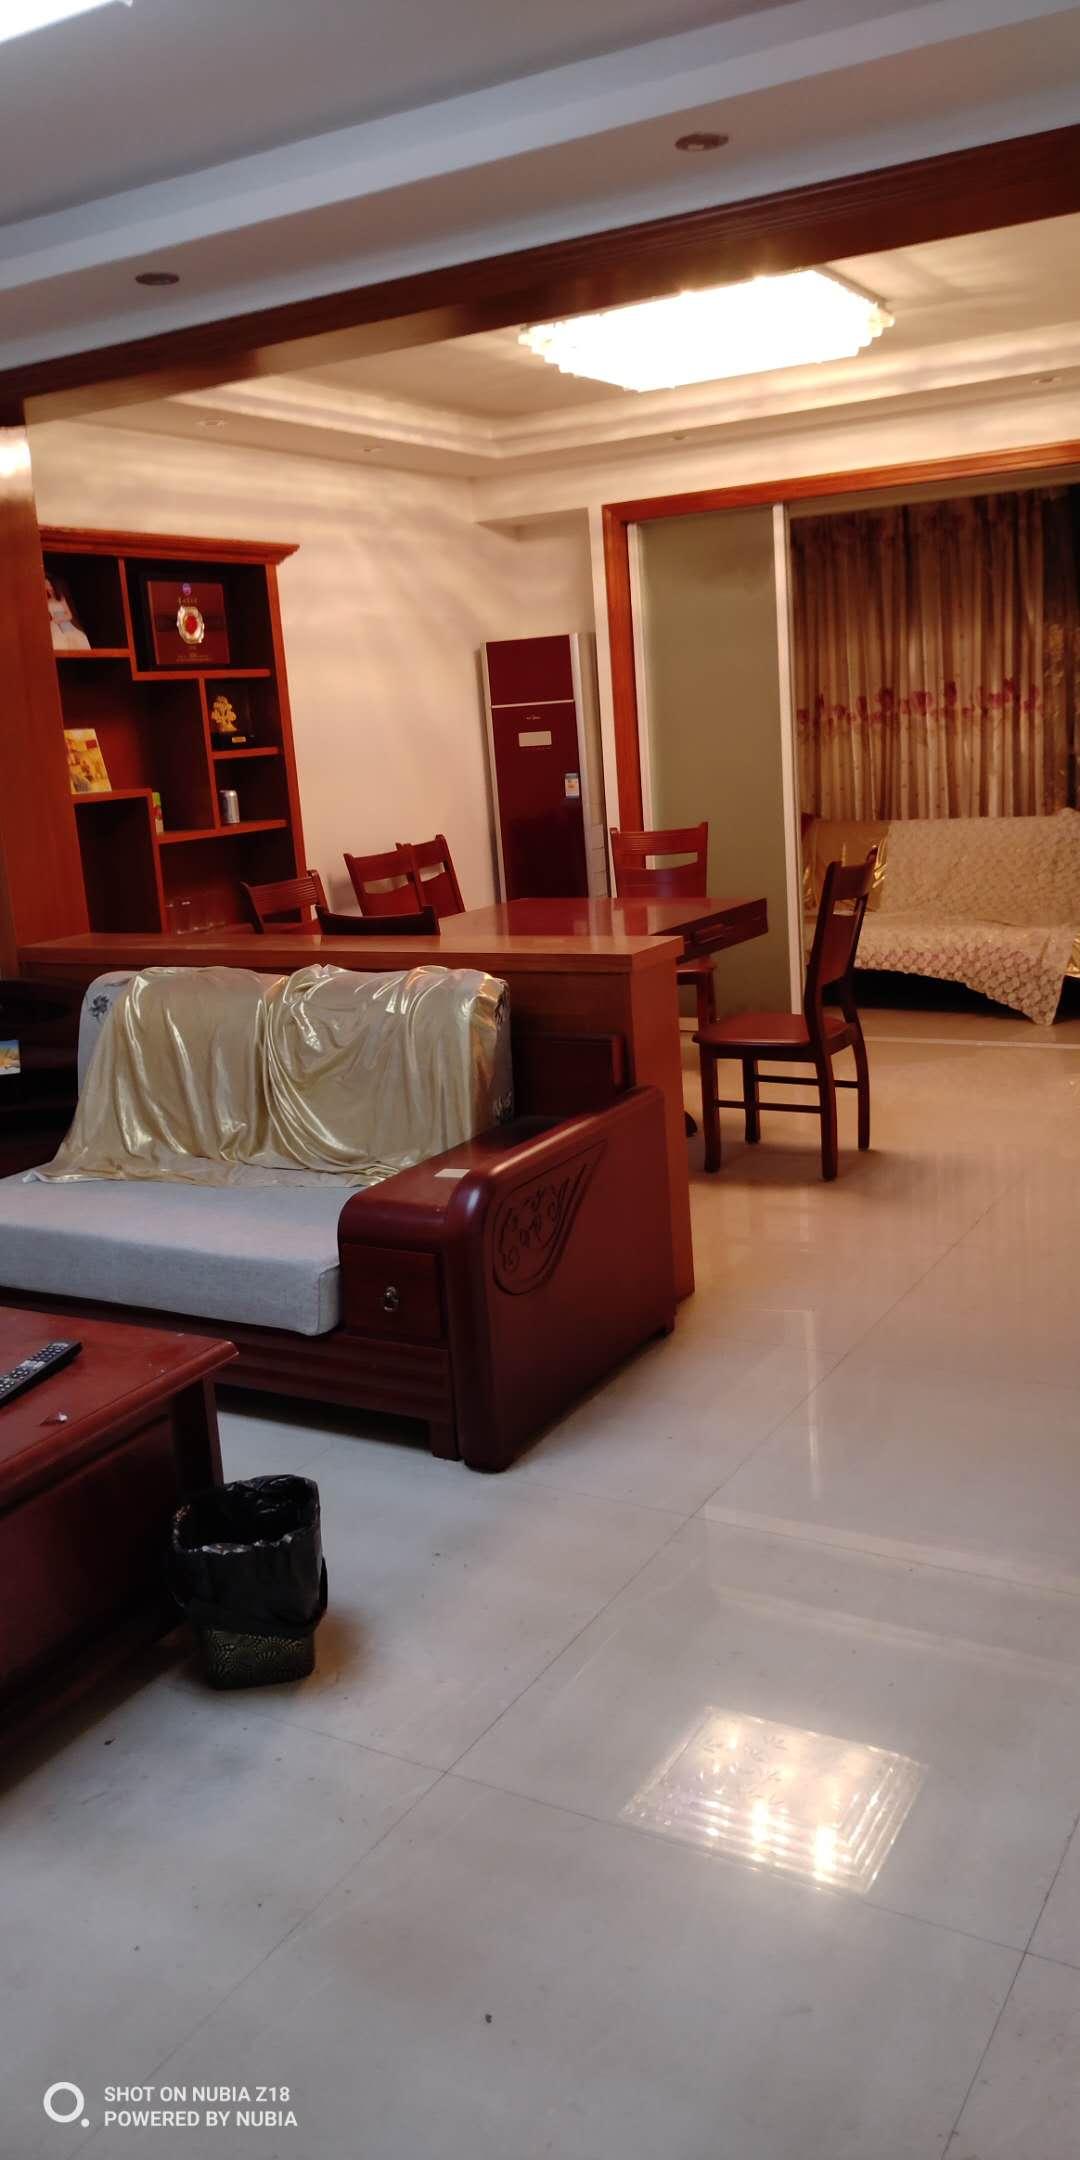 临浦浴美苑镇小、三房二厅、精装修、家电齐全、楼层佳、诚售